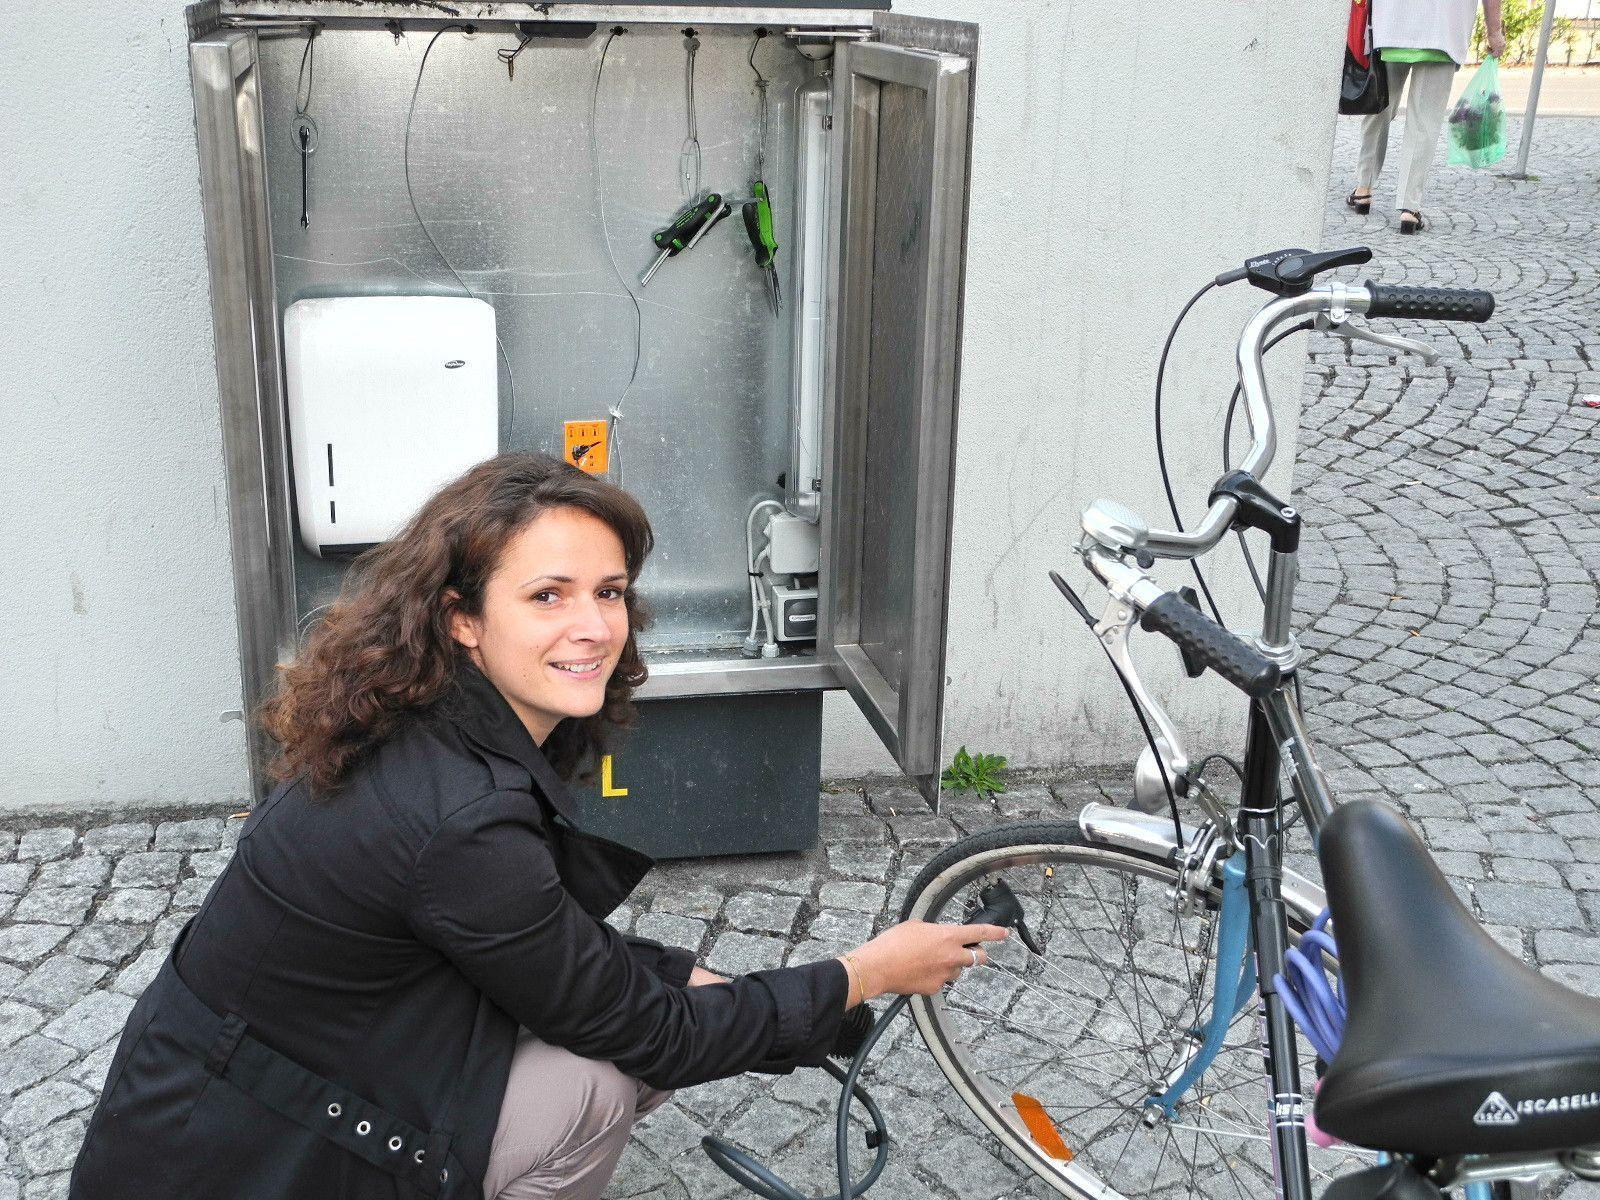 """Tanja Egger, zeigt  Stolz die """"Fahrradservicebox für Fahrräder"""" beim Katzenturm vor dem Mobilpunkt."""